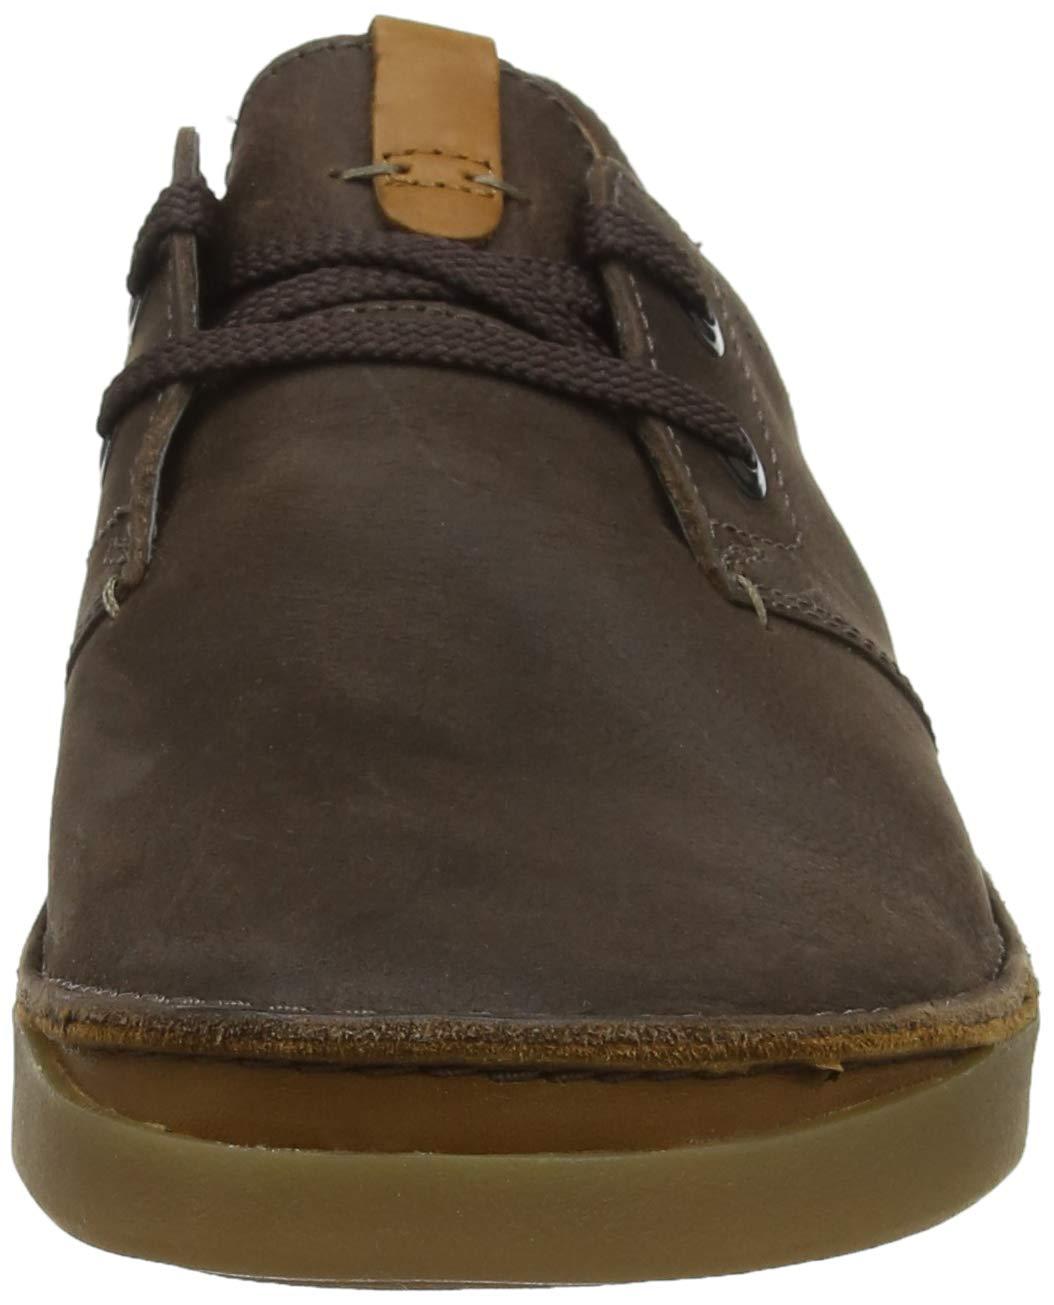 Clarks Oakland Lace, Zapatos de Cordones Derby Hombre